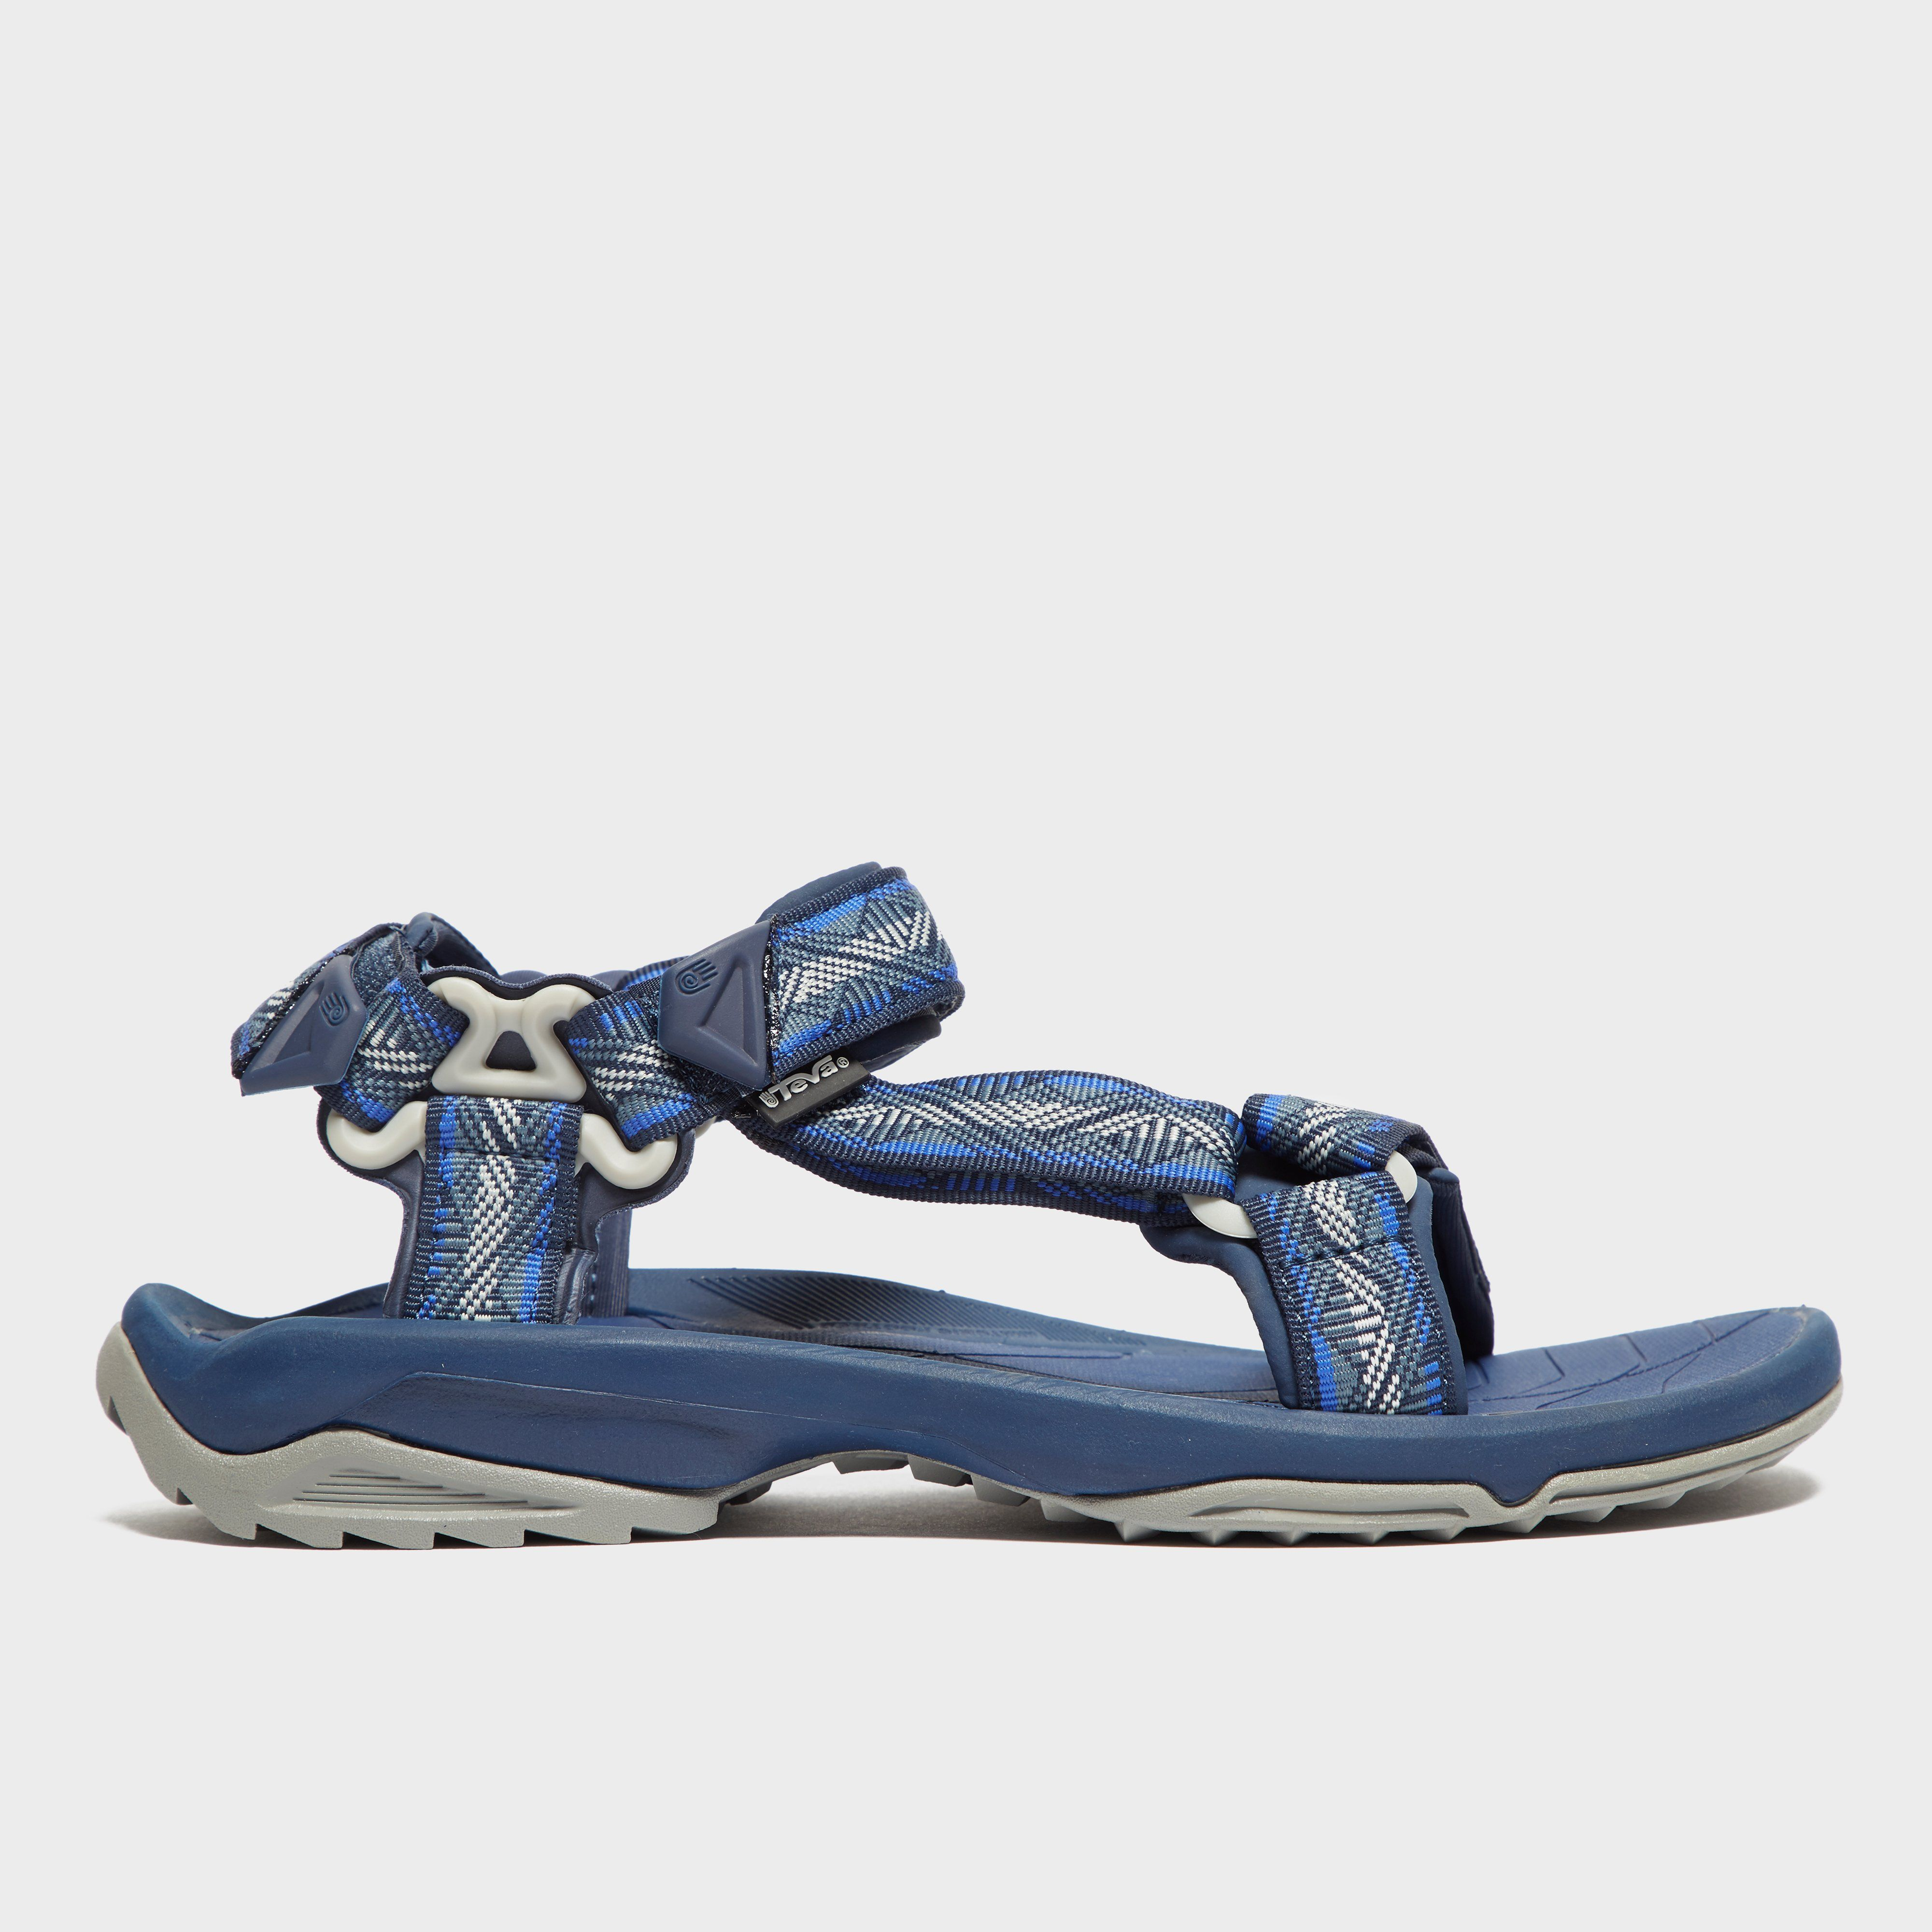 TEVA Men's Terra Fi Lite Sandal